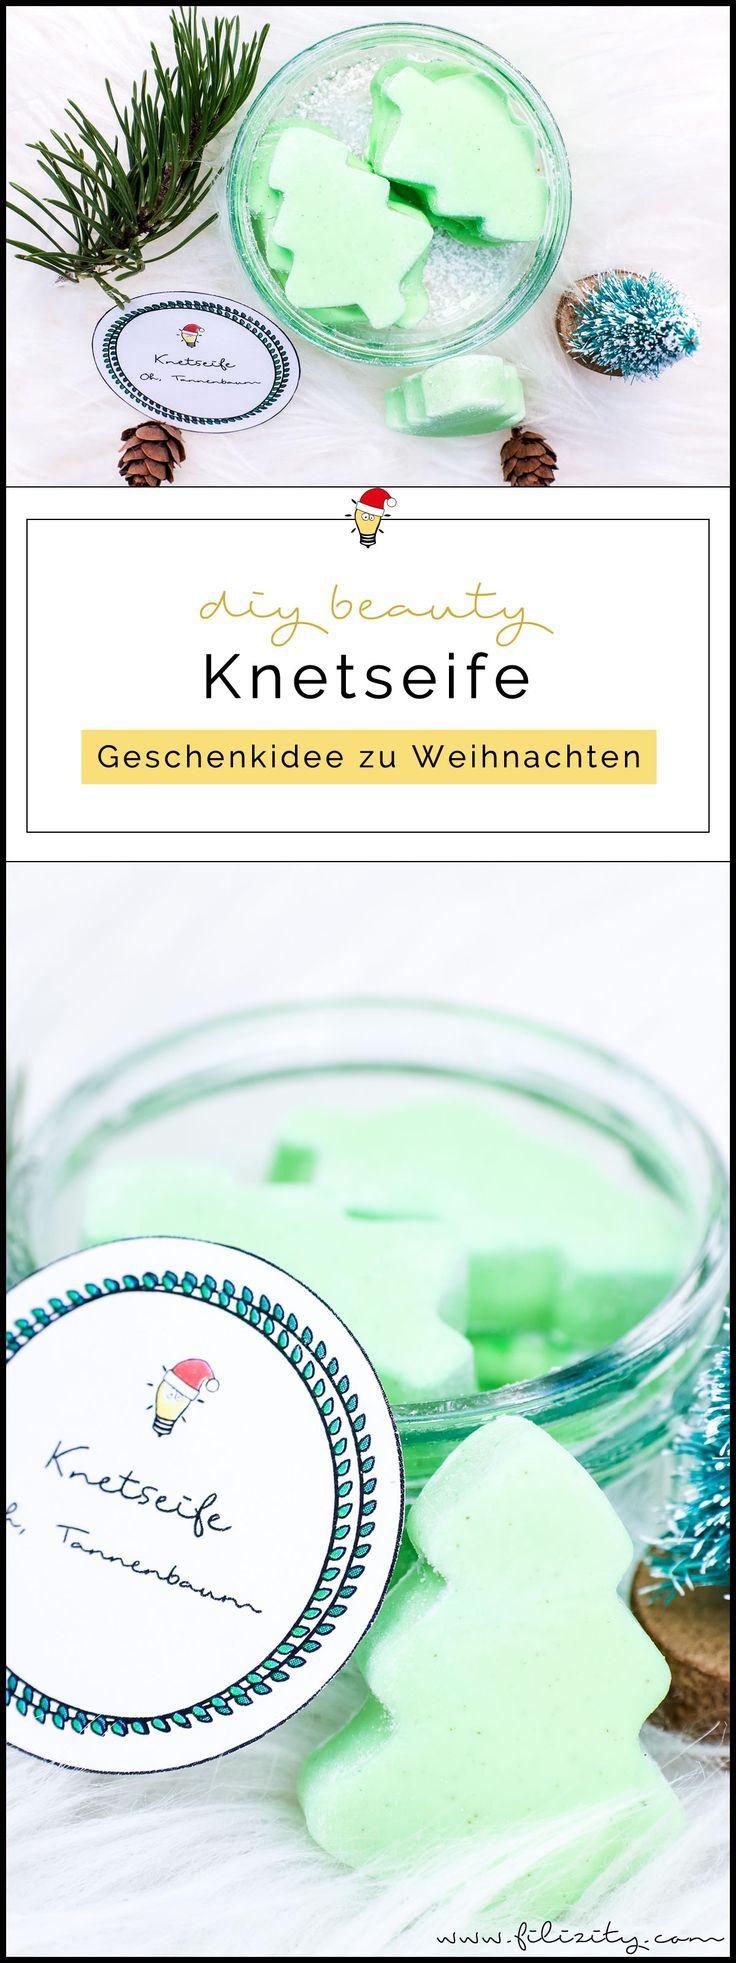 Weihnachts-Geschenkidee: DIY Knetseife Tannenbaum selber machen | Filizity.com | DIY-Blog aus dem Rheinland